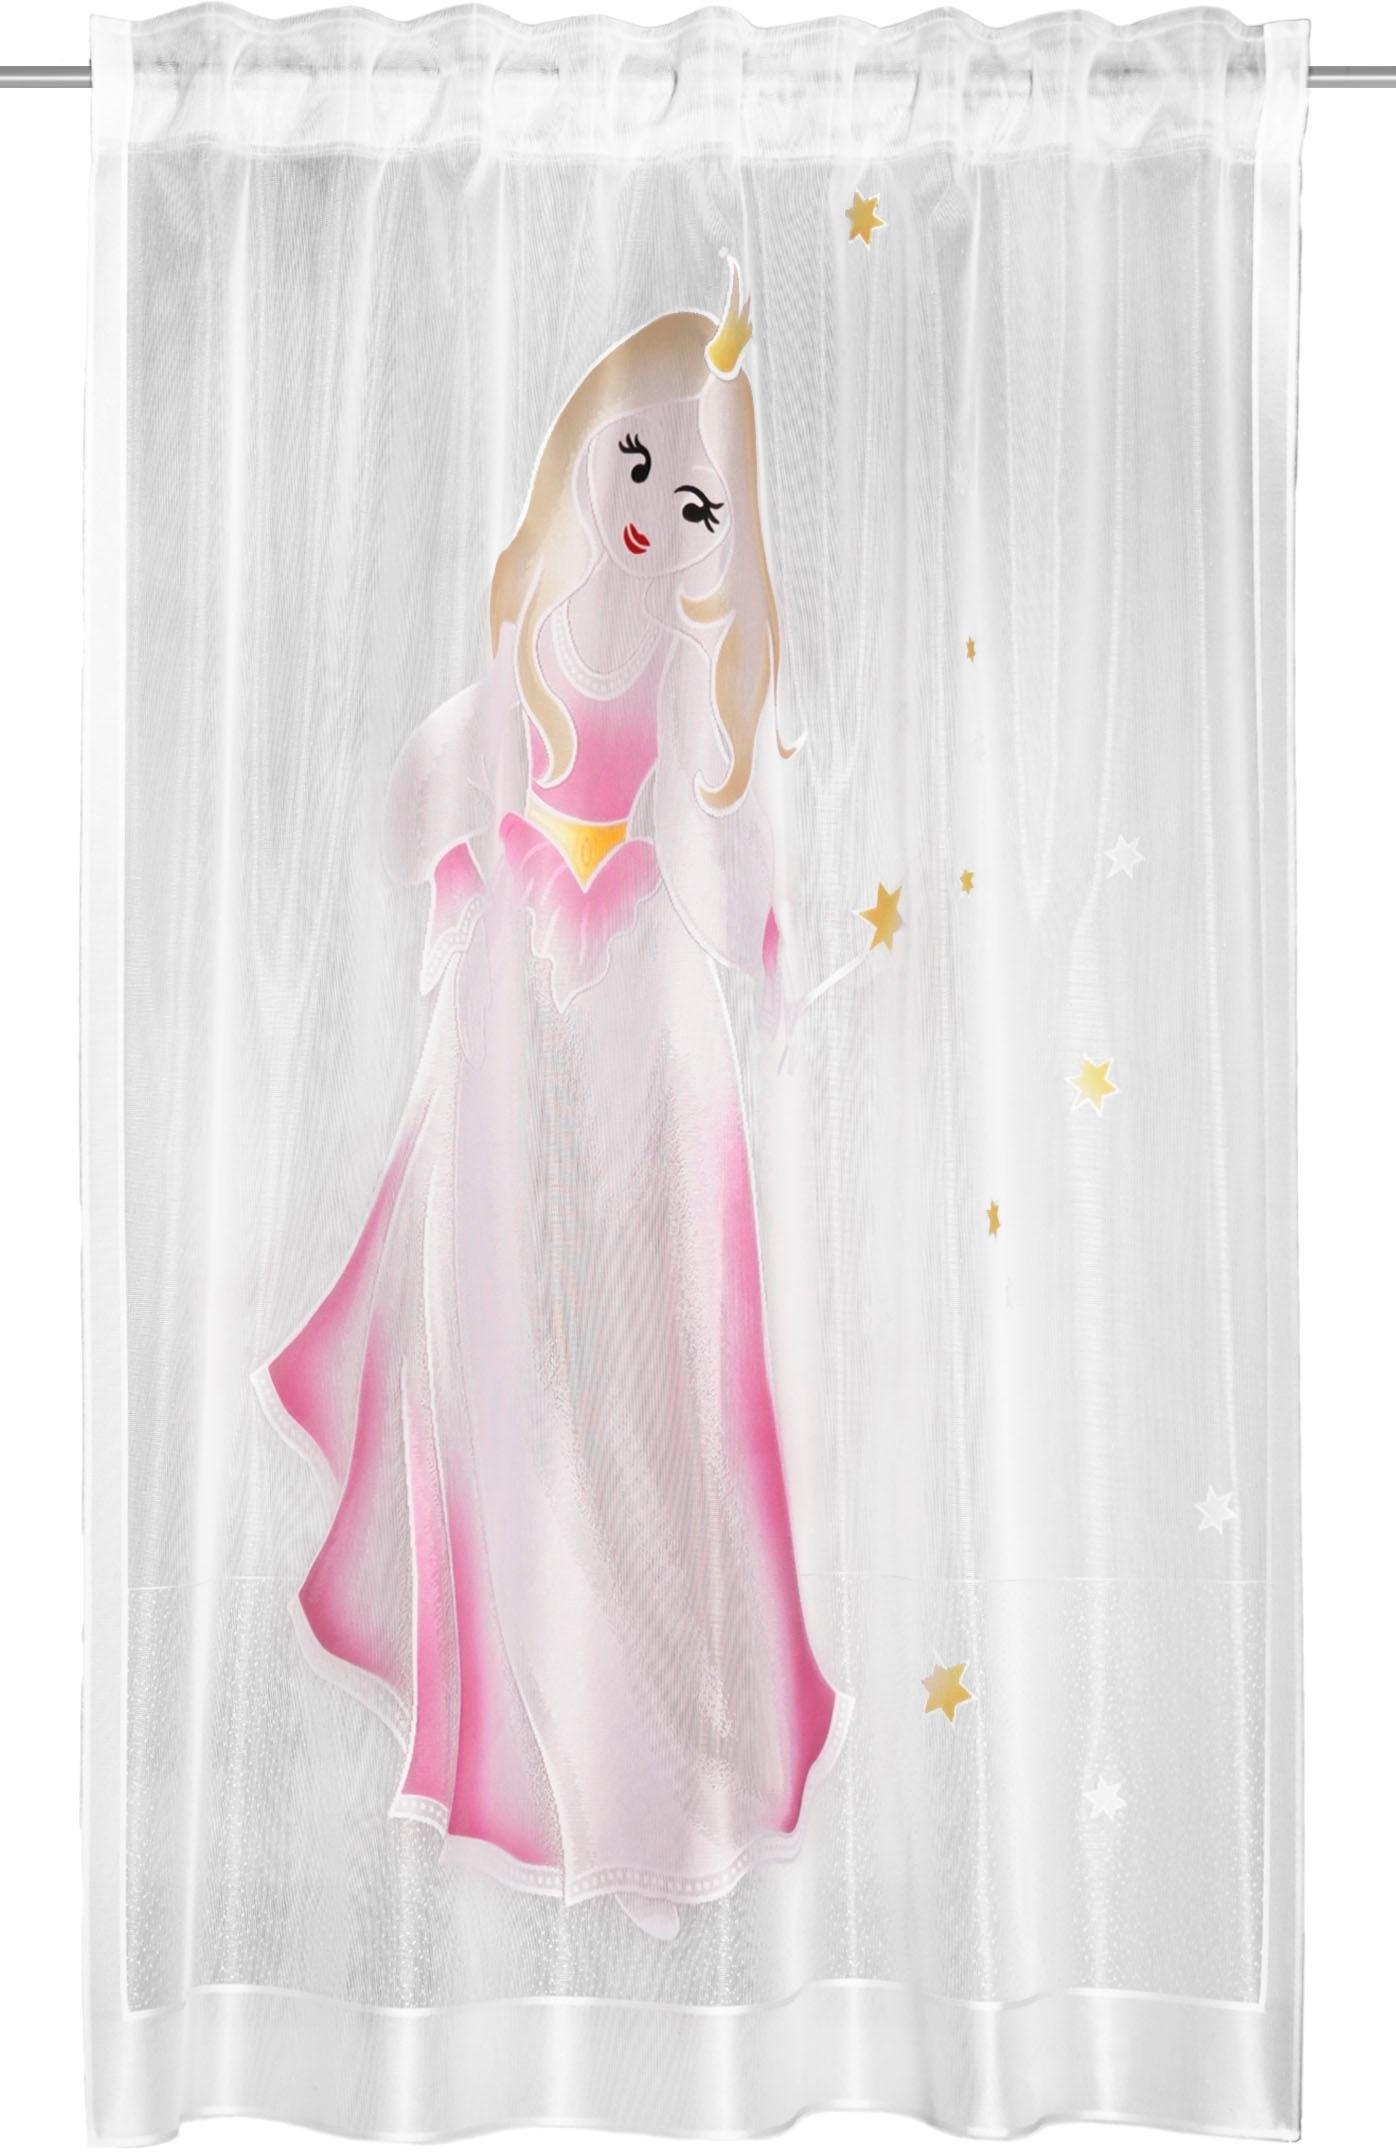 WILLKOMMEN ZUHAUSE by ALBANI GROUP gordijn Barby HxB: 160x140, sjaal met verborgen lussen (1 stuk) bij OTTO online kopen